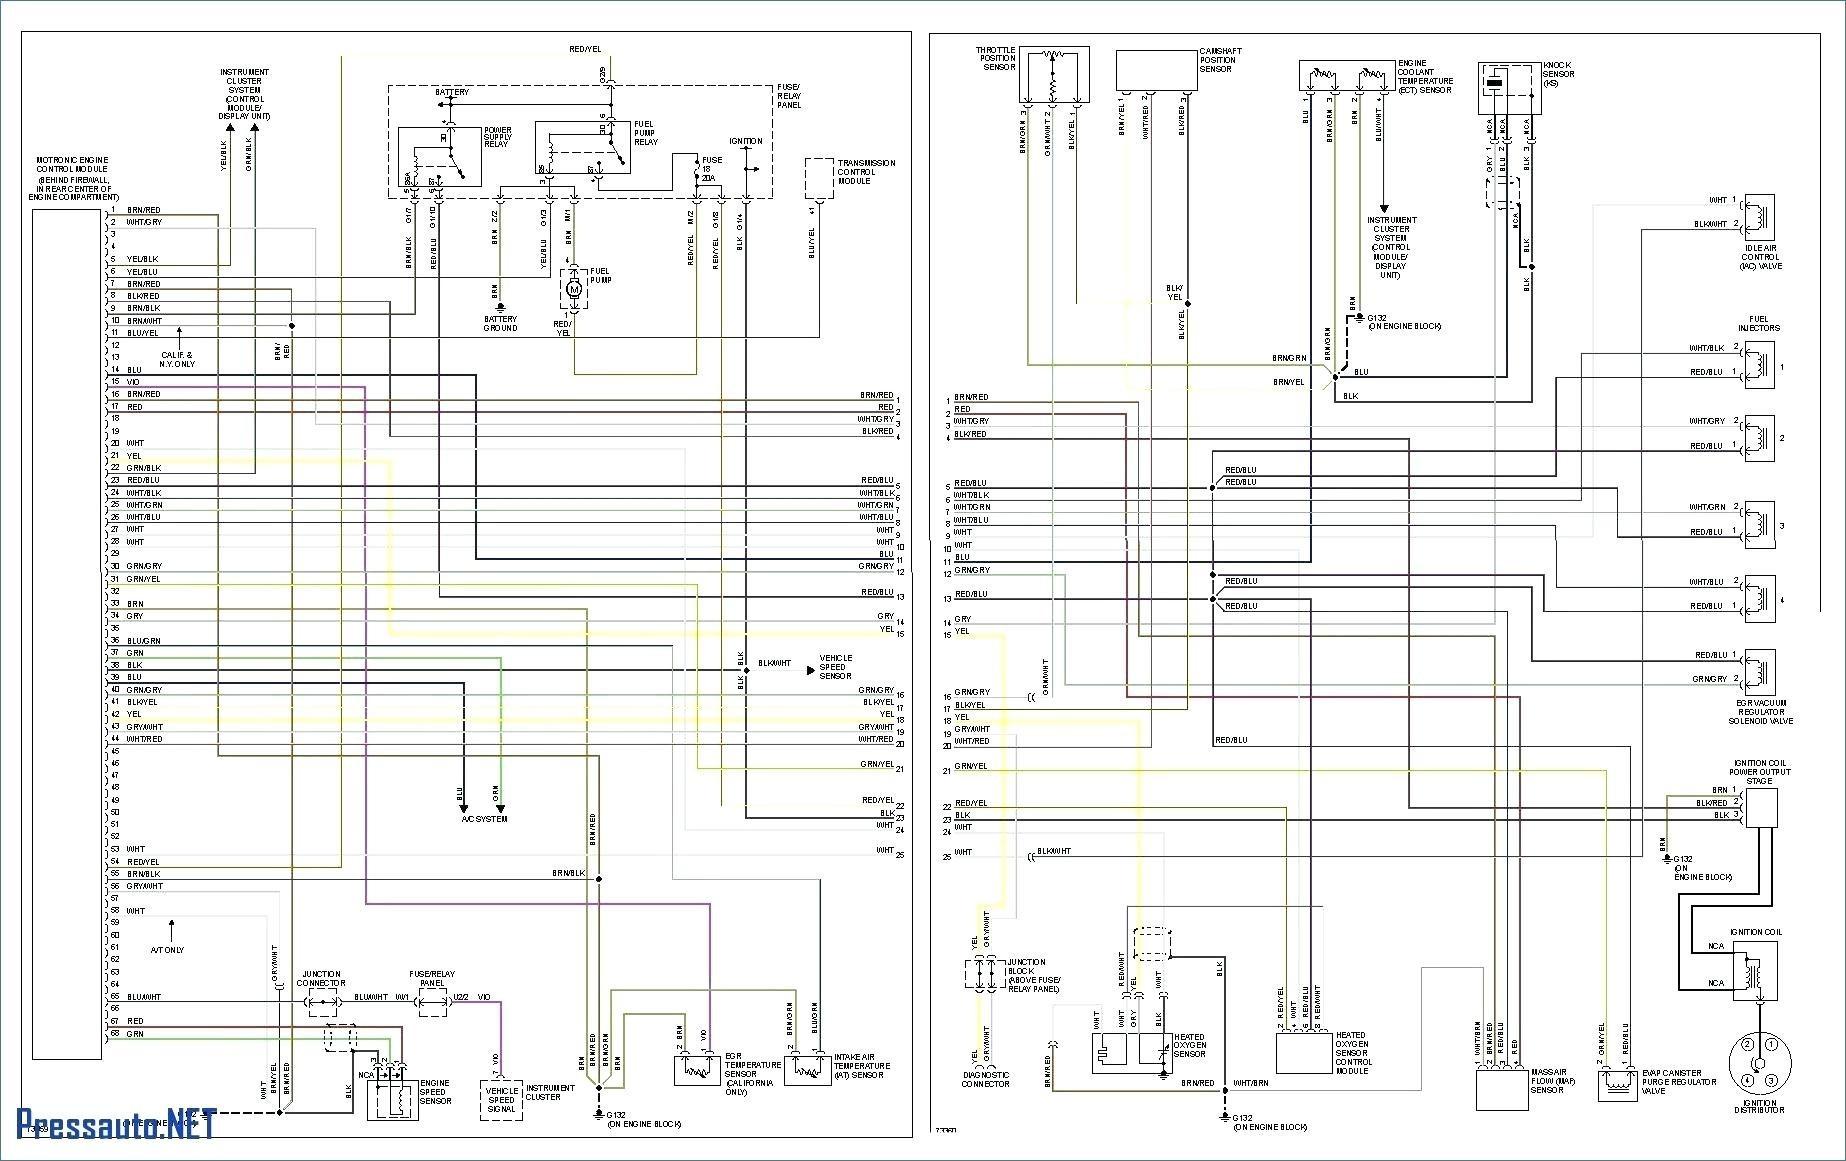 2006 Vw Passat Engine Diagram 2002 Volkswagen Jetta Engine Diagram Wiring Diagram Used Of 2006 Vw Passat Engine Diagram